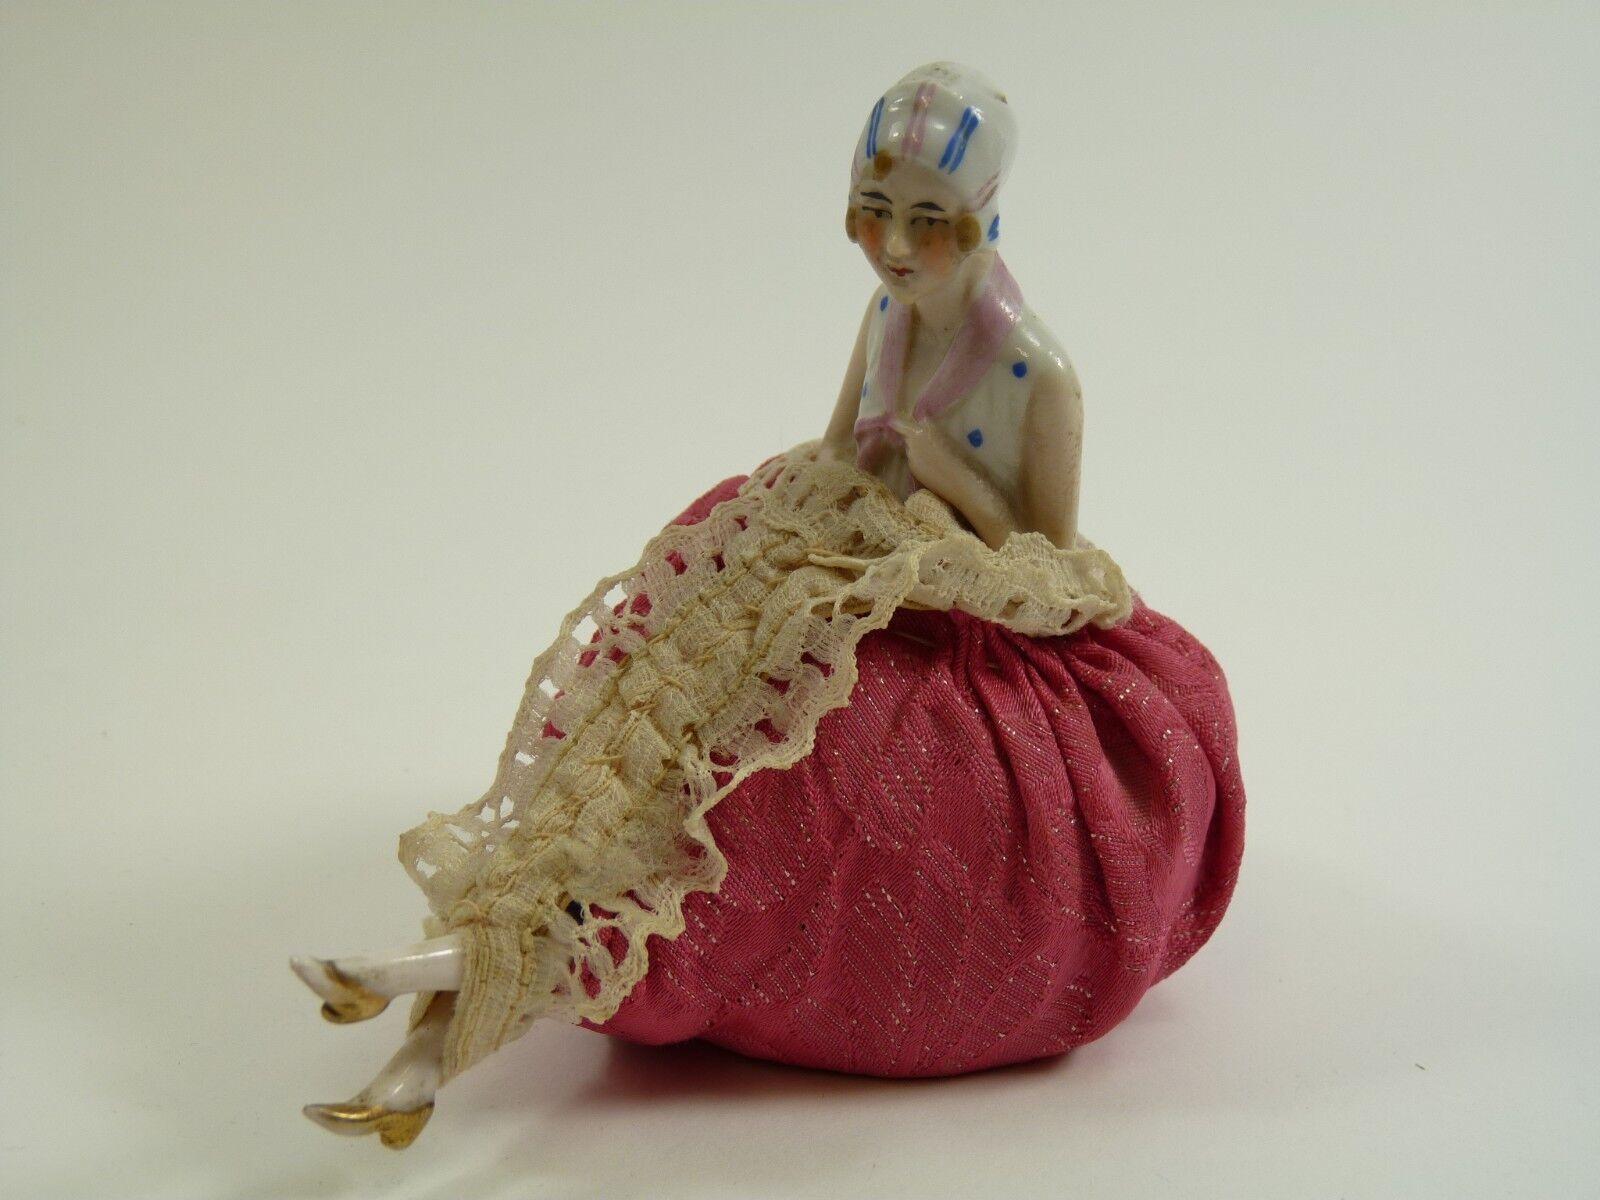 Ceramica tedesca-vintage anni 1930 ART DECO META 'con gambe di bambola-piccole dimensioni